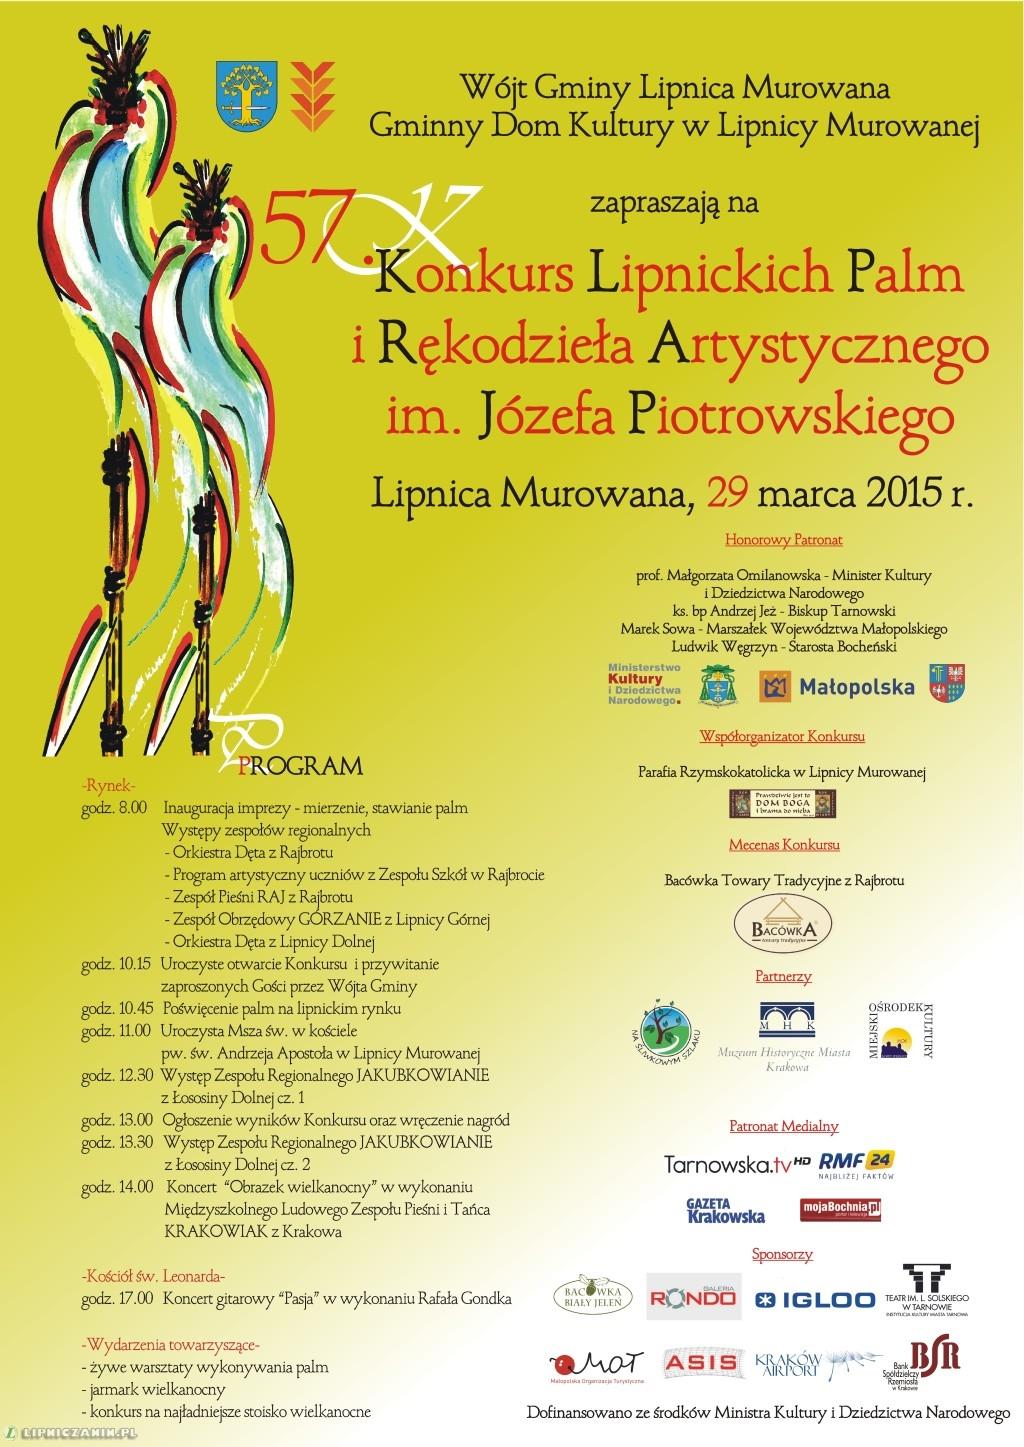 plakat-program-niedziela-palmowa-lipnica-murowana-2015